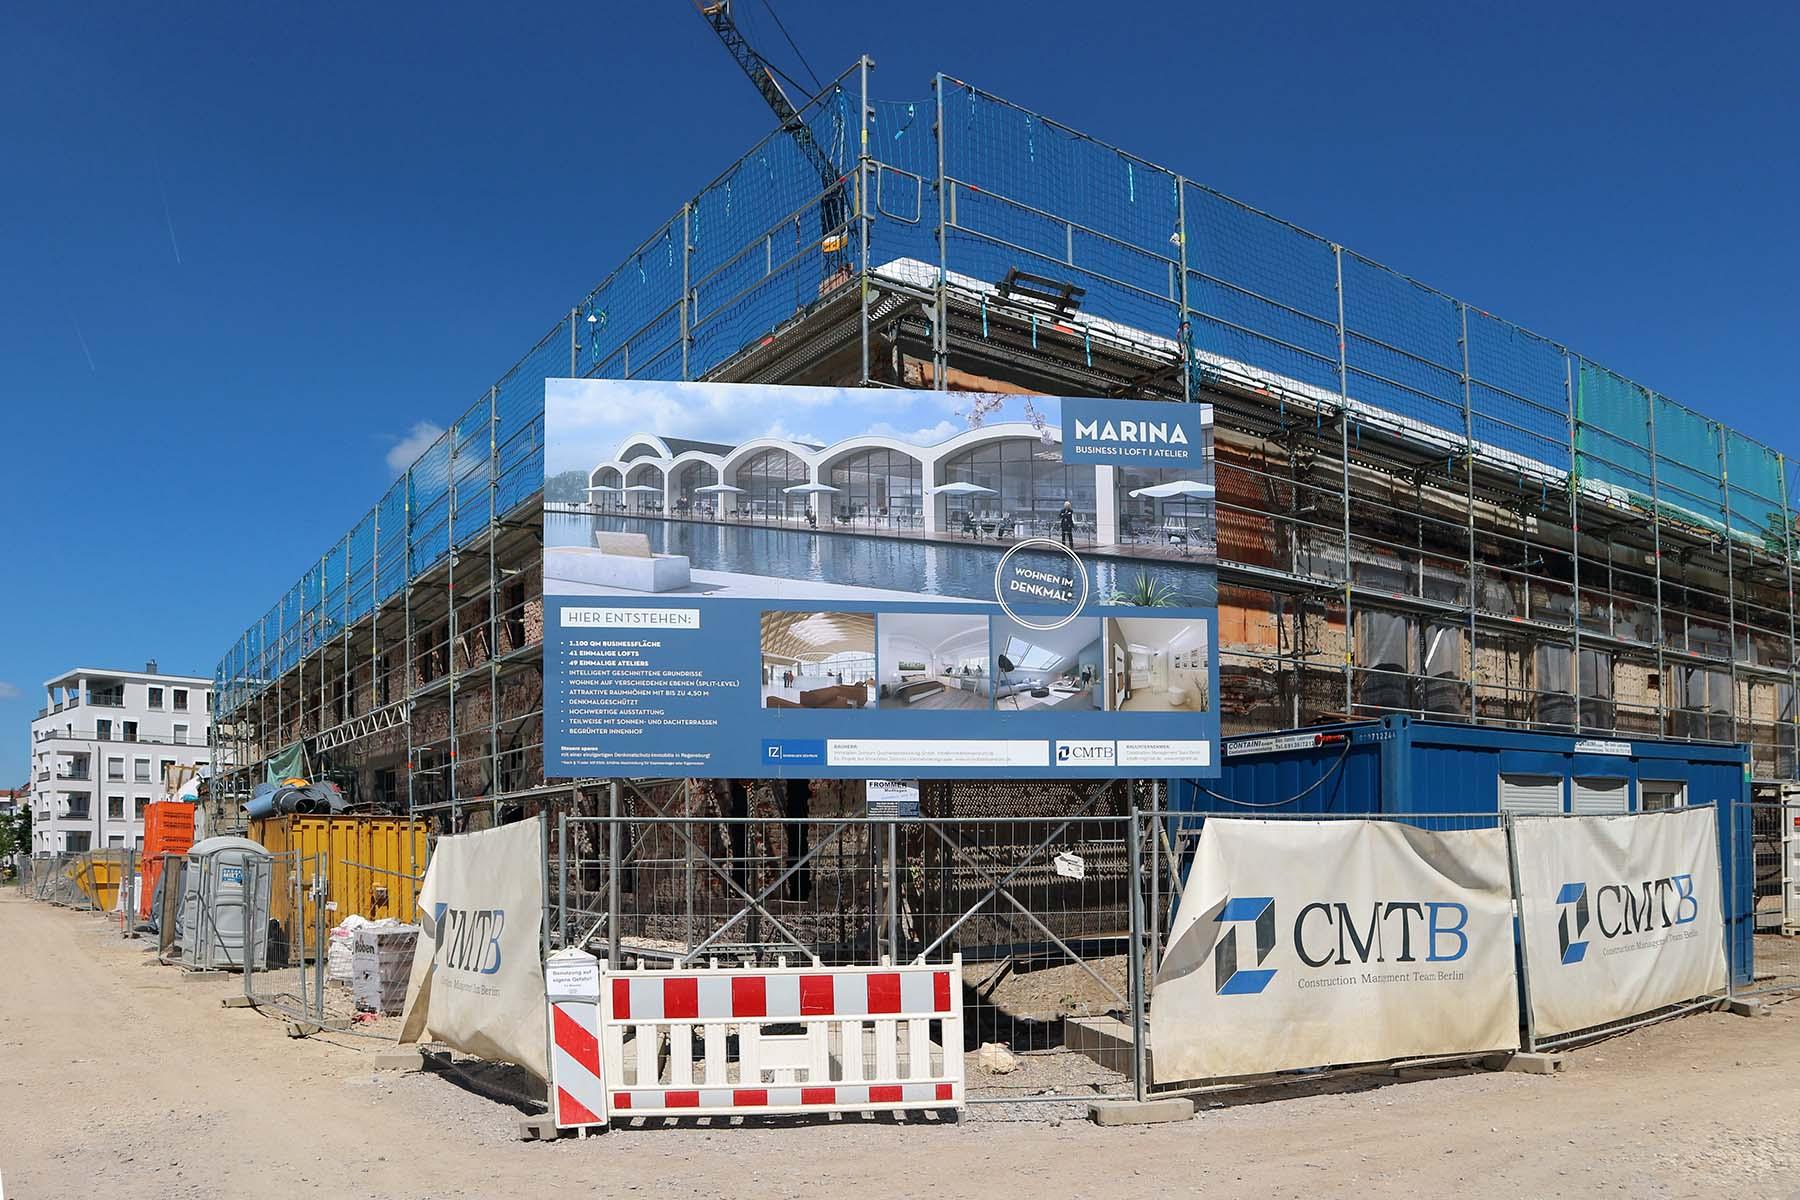 Marinaforum. Noch befindet sich das Tagungs- und Kongresszentrum im Bau. Im Frühjahr 2018 soll es eröffnen.